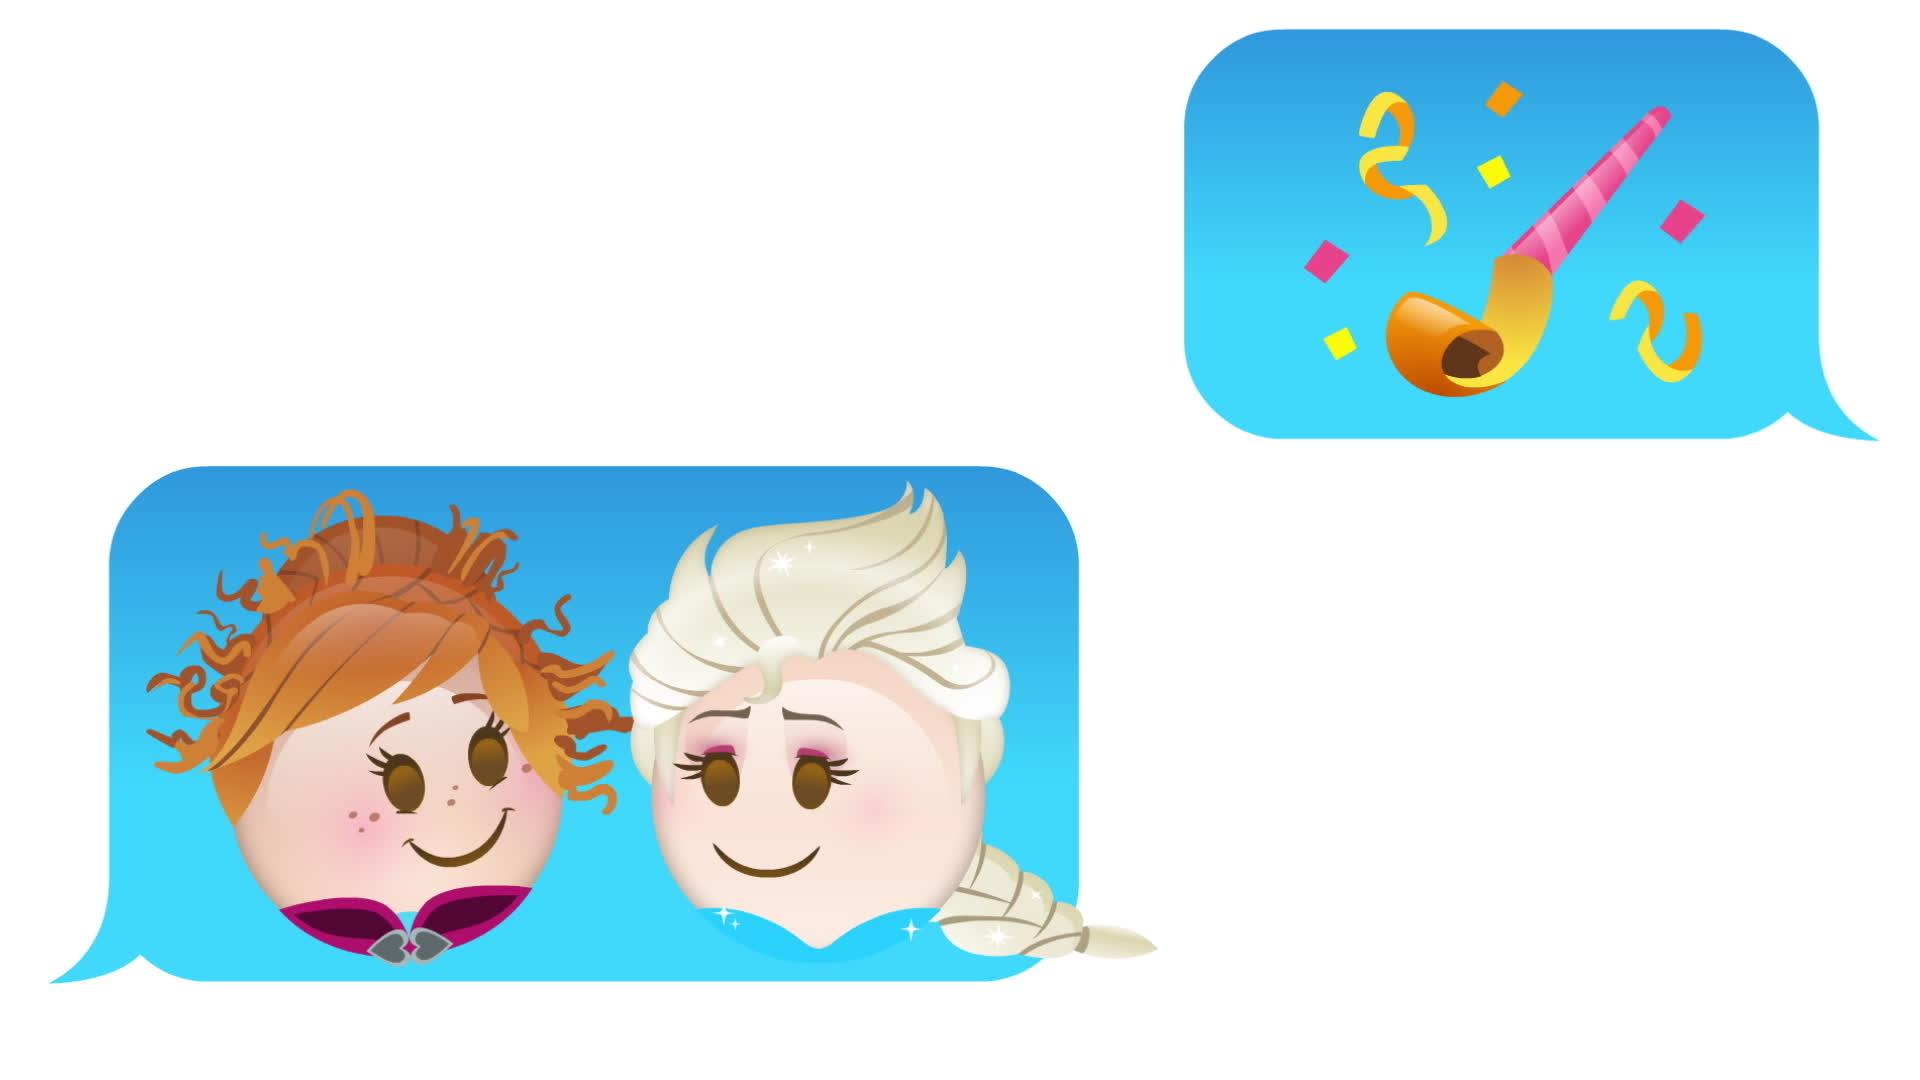 Χρόνια Πολλά Ψυχρά κι Ανάποδα – όπως θα το έλεγαν τα Emoji